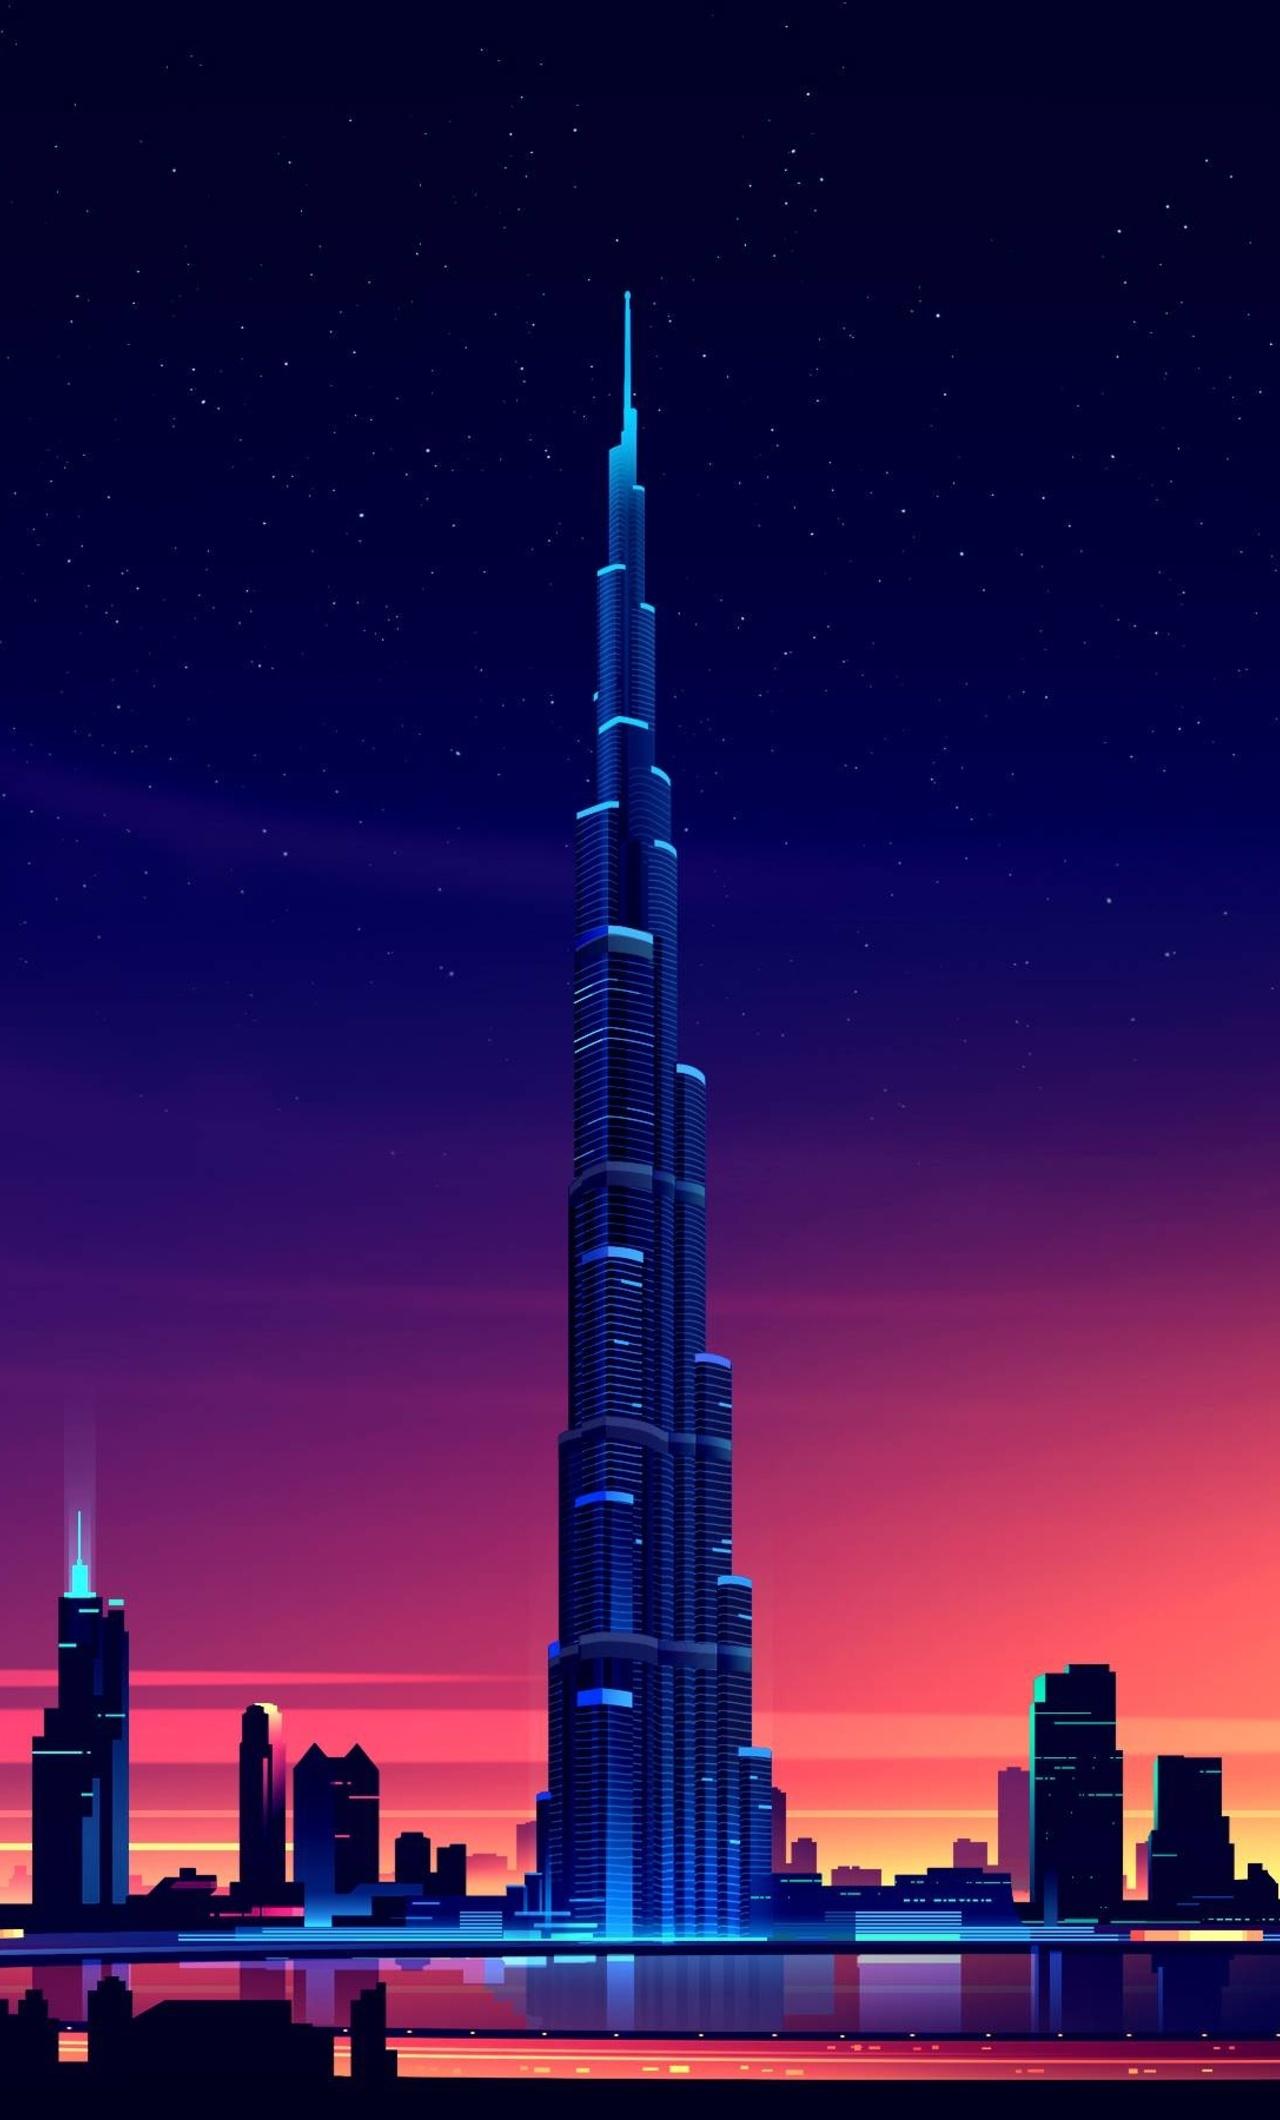 1280x2120 Dubai Burj Khalifa Minimalist iPhone 6+ HD 4k ...